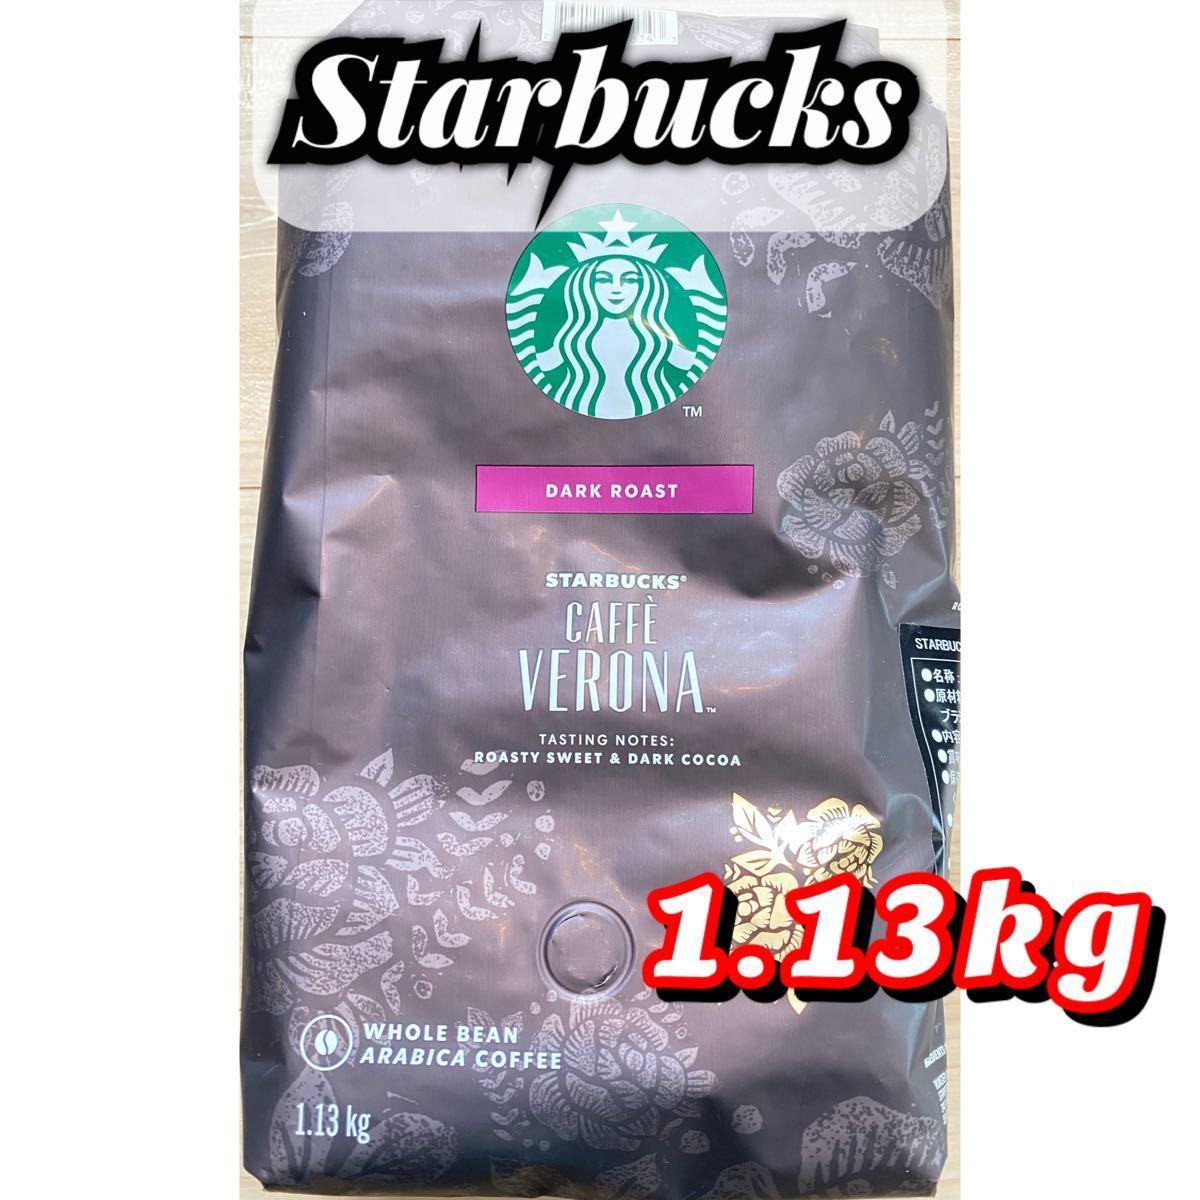 スターバックス カフェベロナ スターバックスコーヒー コーヒー豆